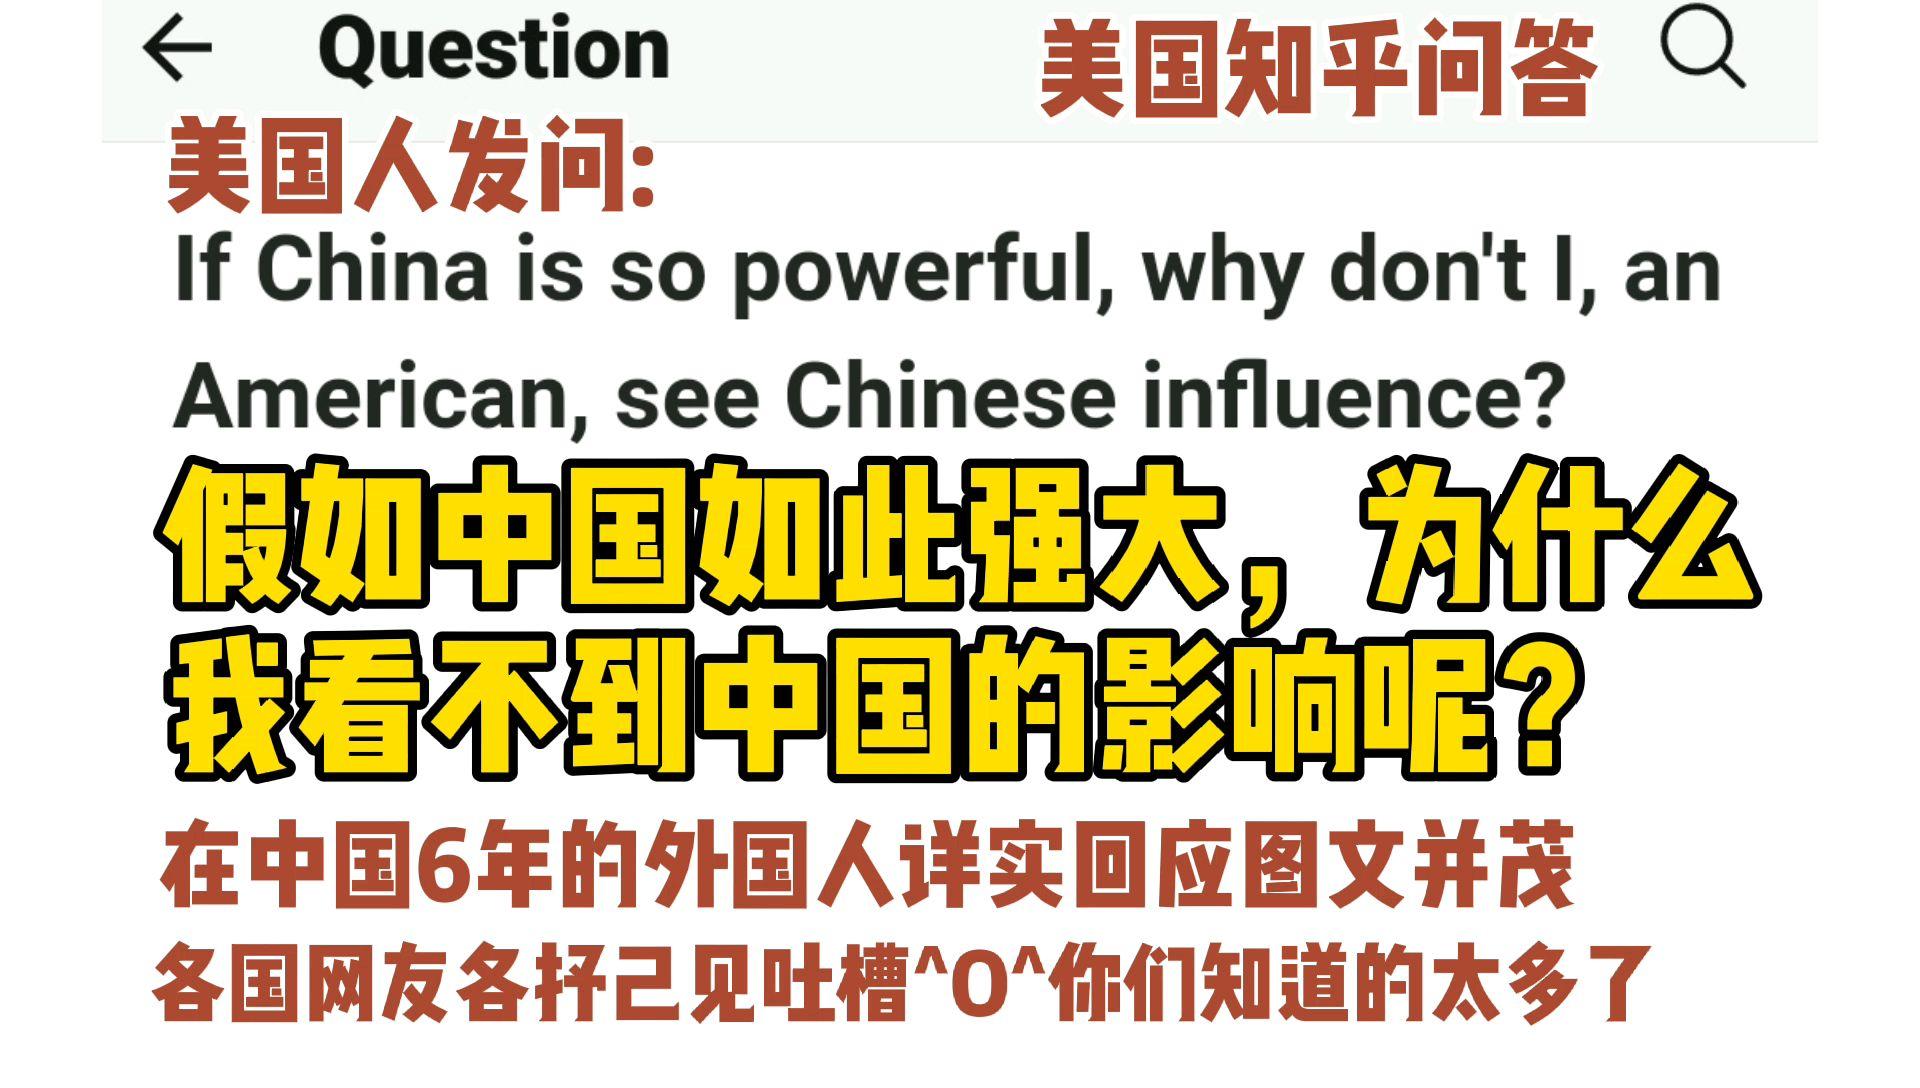 美国知乎,美国人问:假如中国如此强大,为什么我看不到中国的影响呢?在中国6年老外图文并茂回应。